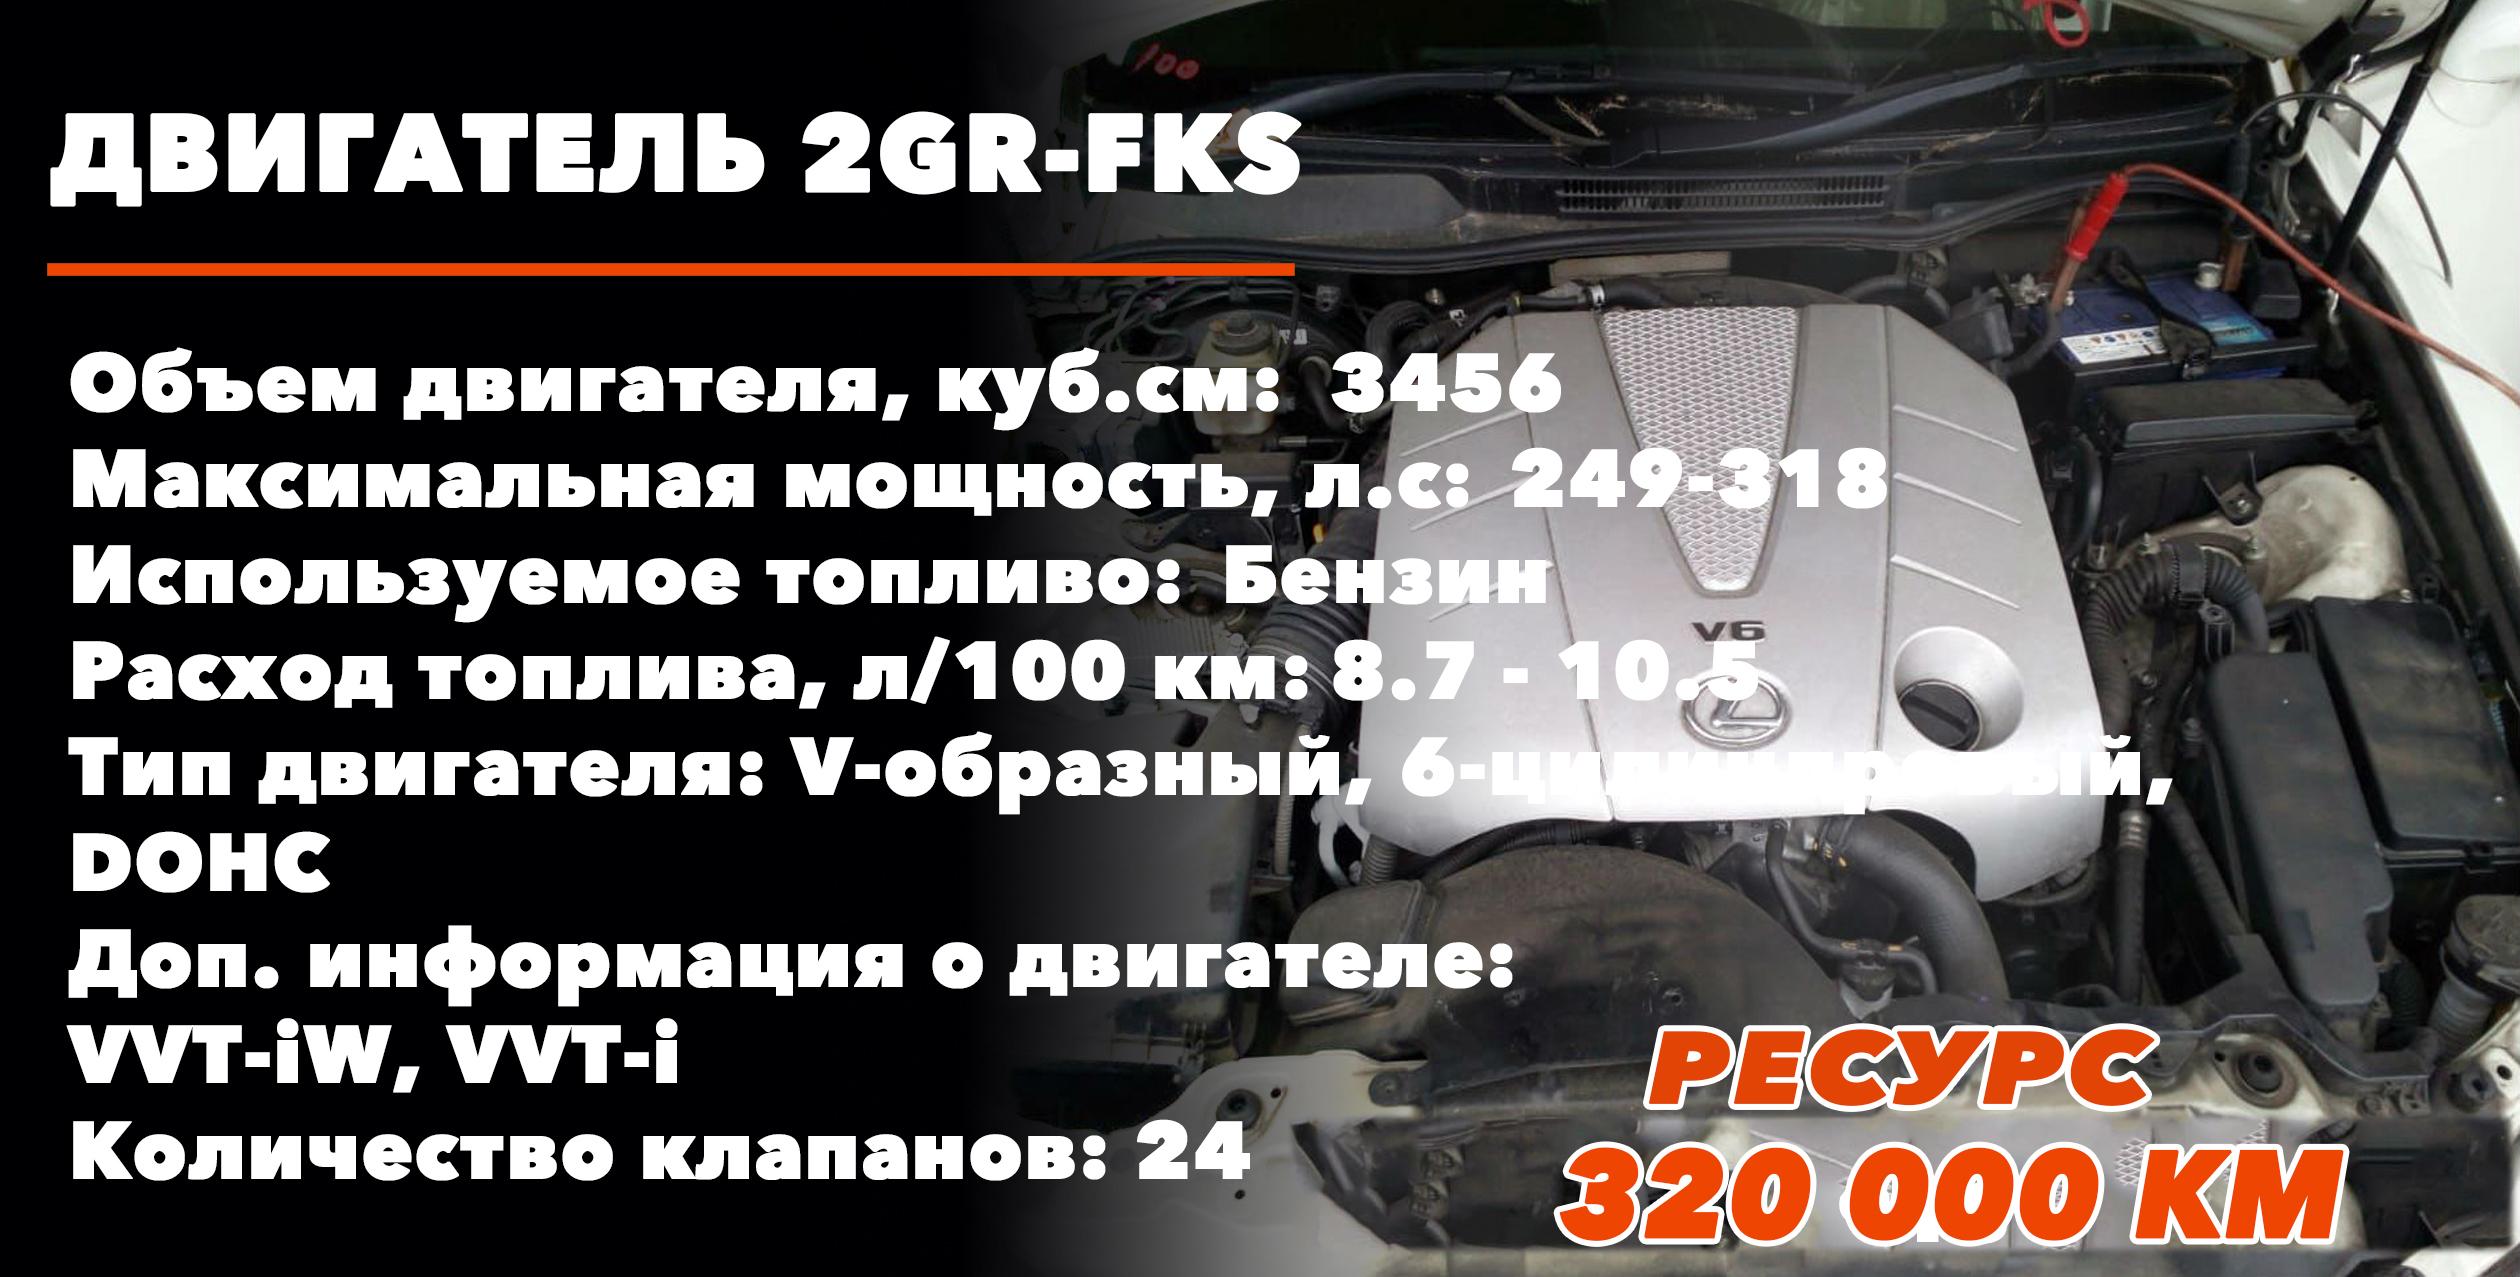 Ресурс мотора 2GR-FKS 3.5